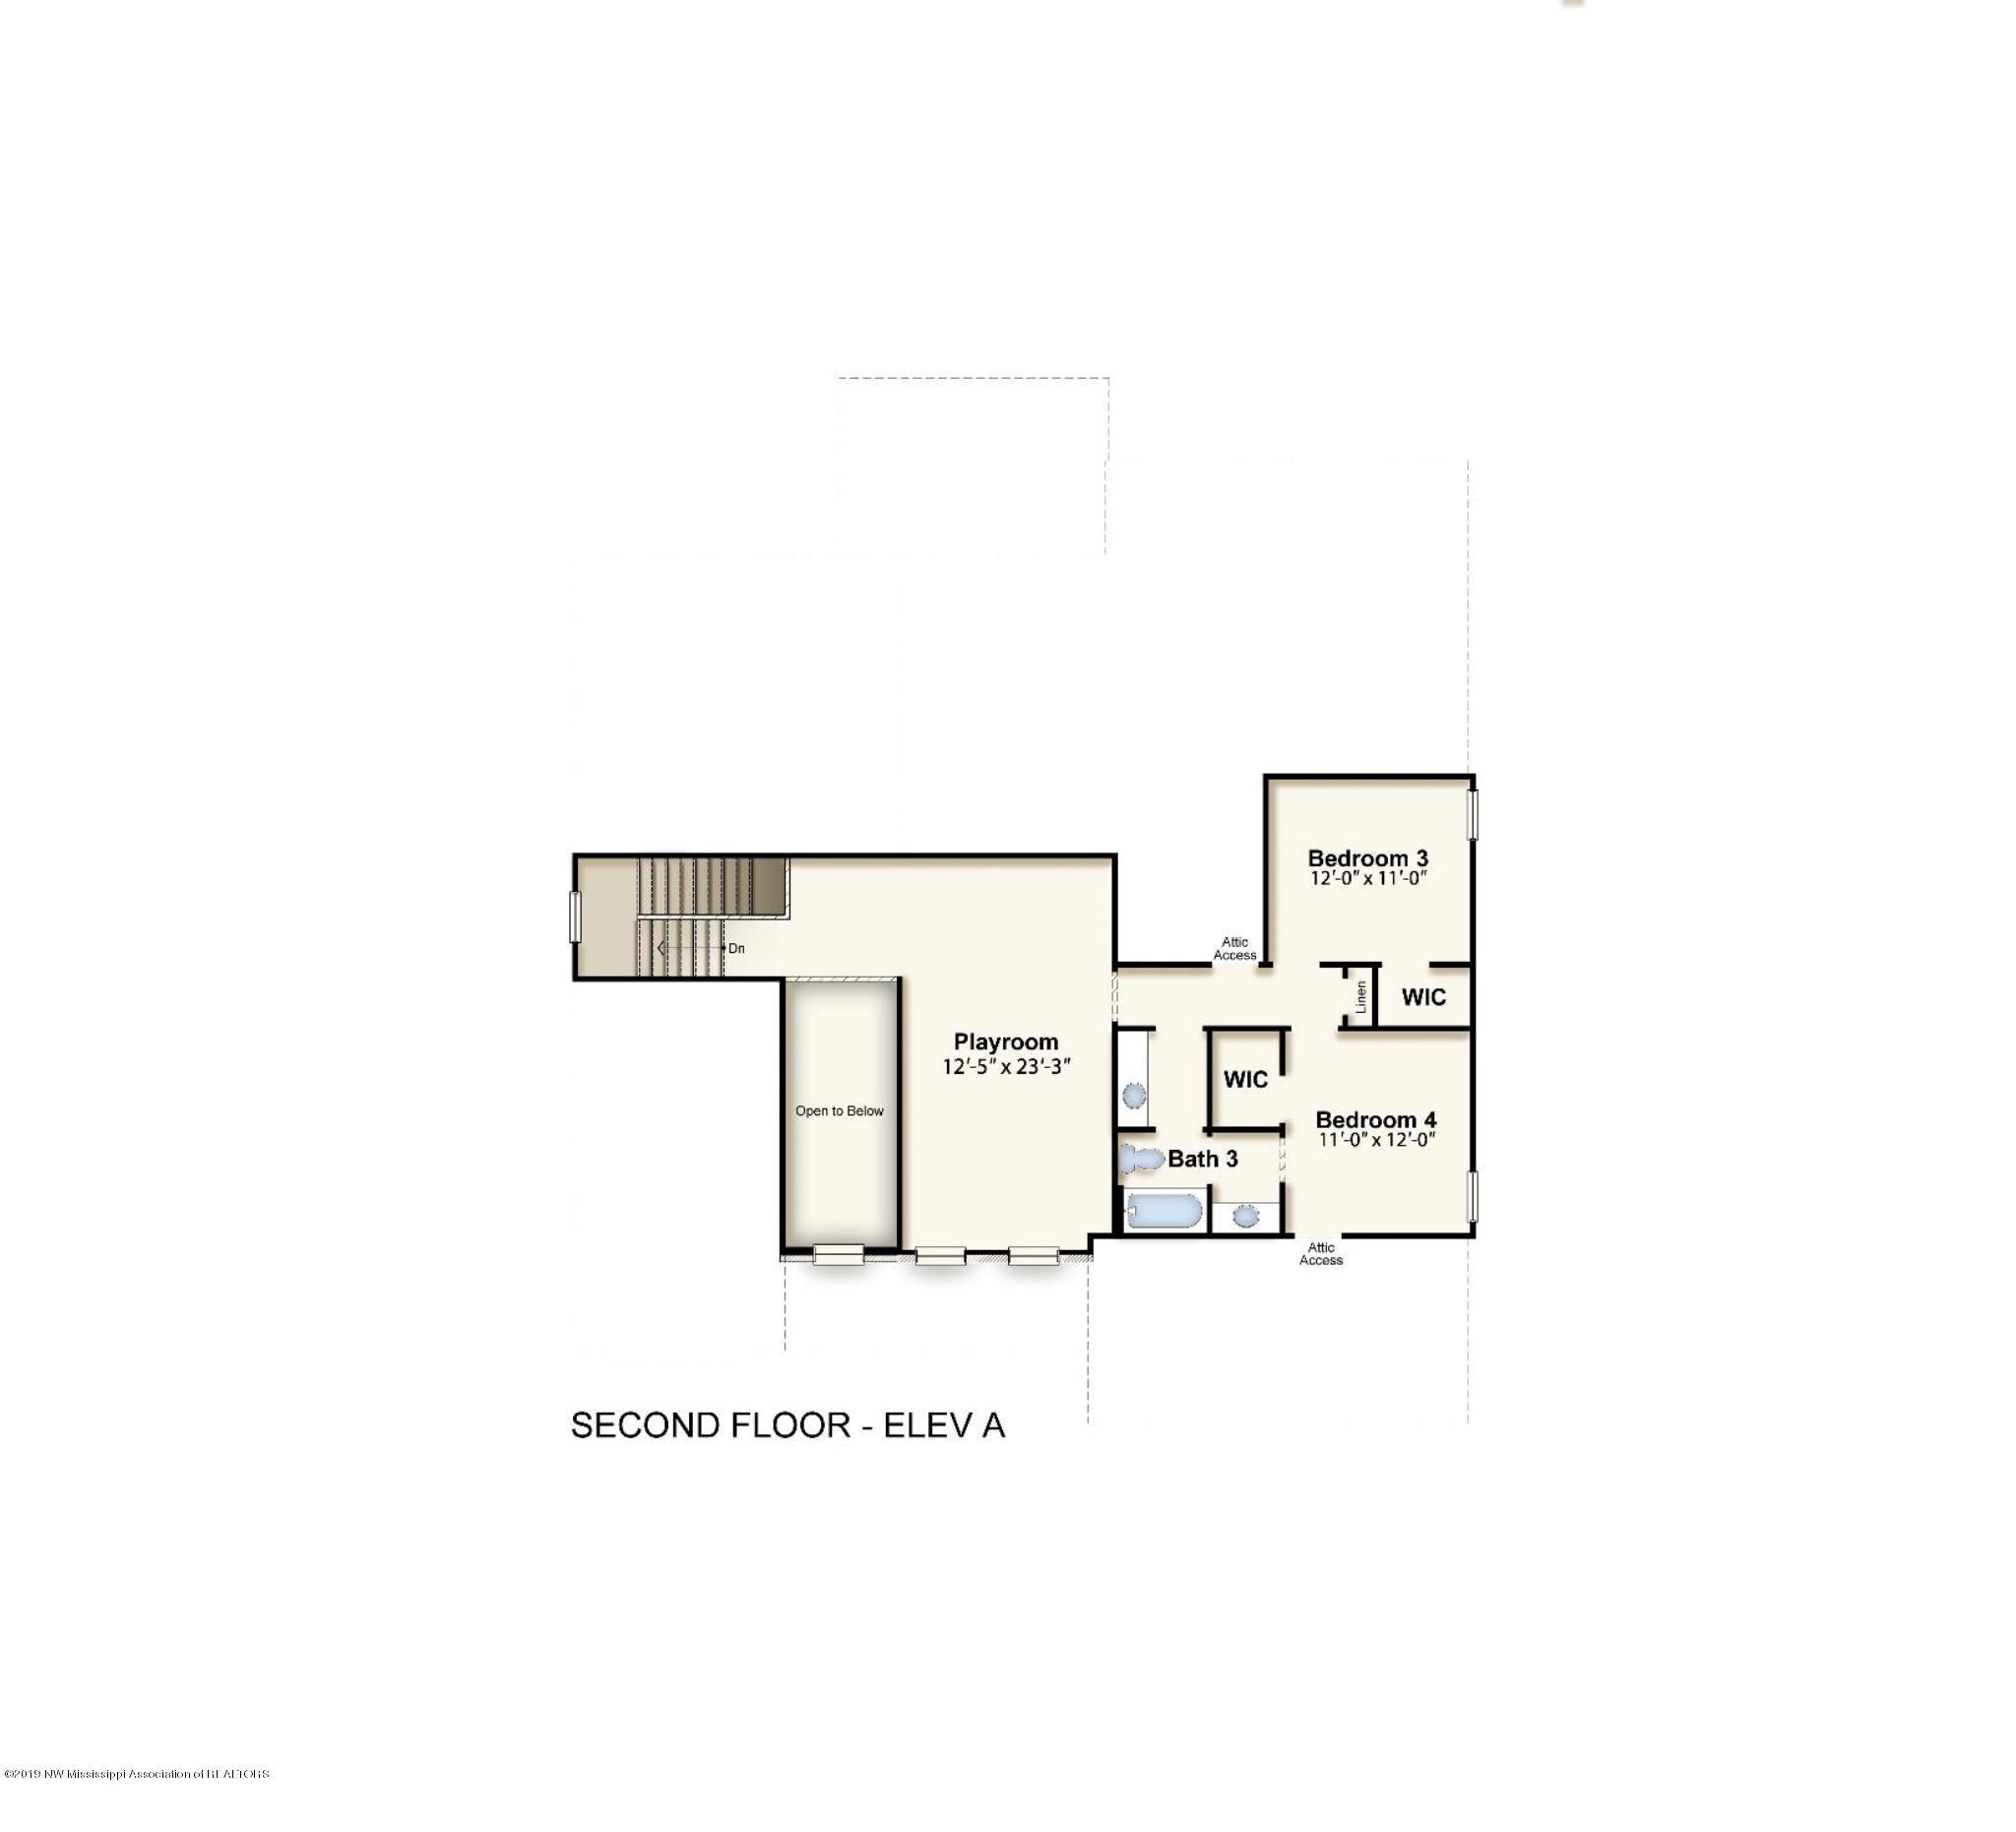 Bentley second floor Elev A